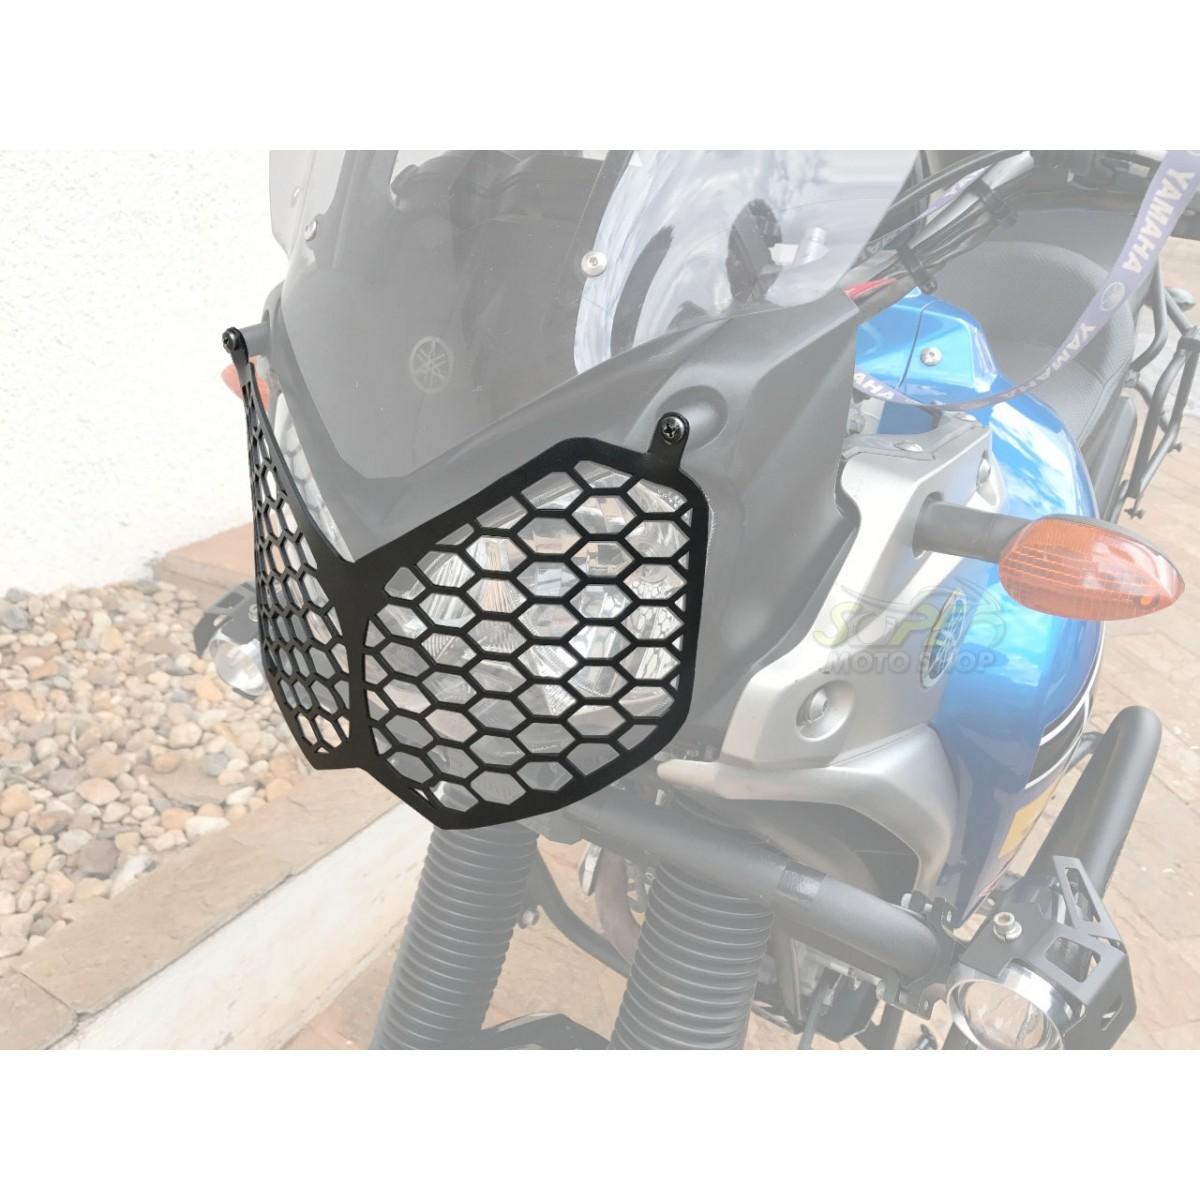 Kit Protetor de Farol Coyote + Protetor de Motor e Carenagem Coyote Preto com Pedais - Tenere 250 Todos os Anos - Yamaha